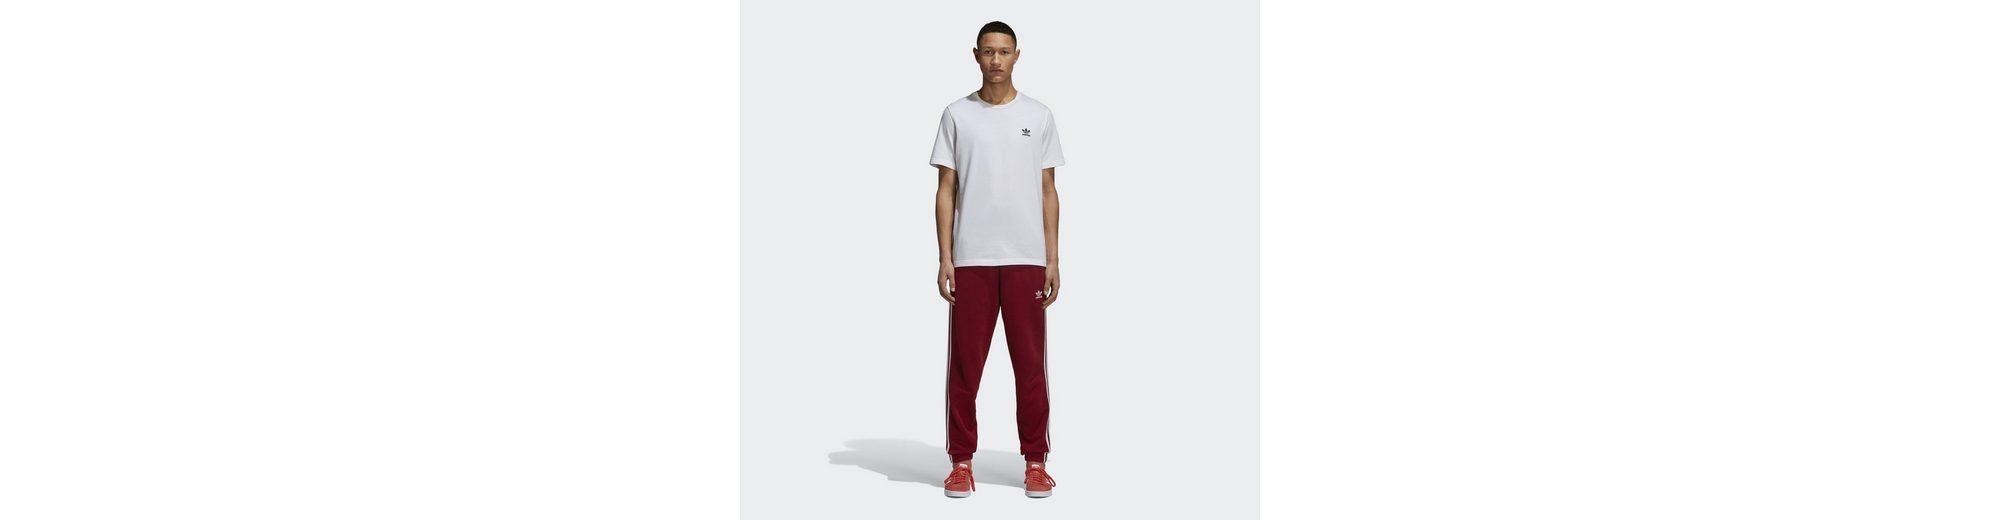 Rabatt Sneakernews Angebote adidas Originals Trainingshose 3-Streifen Jogginghose Auslass Hohe Qualität Wirklich Billig Online LpnfjMm6Z